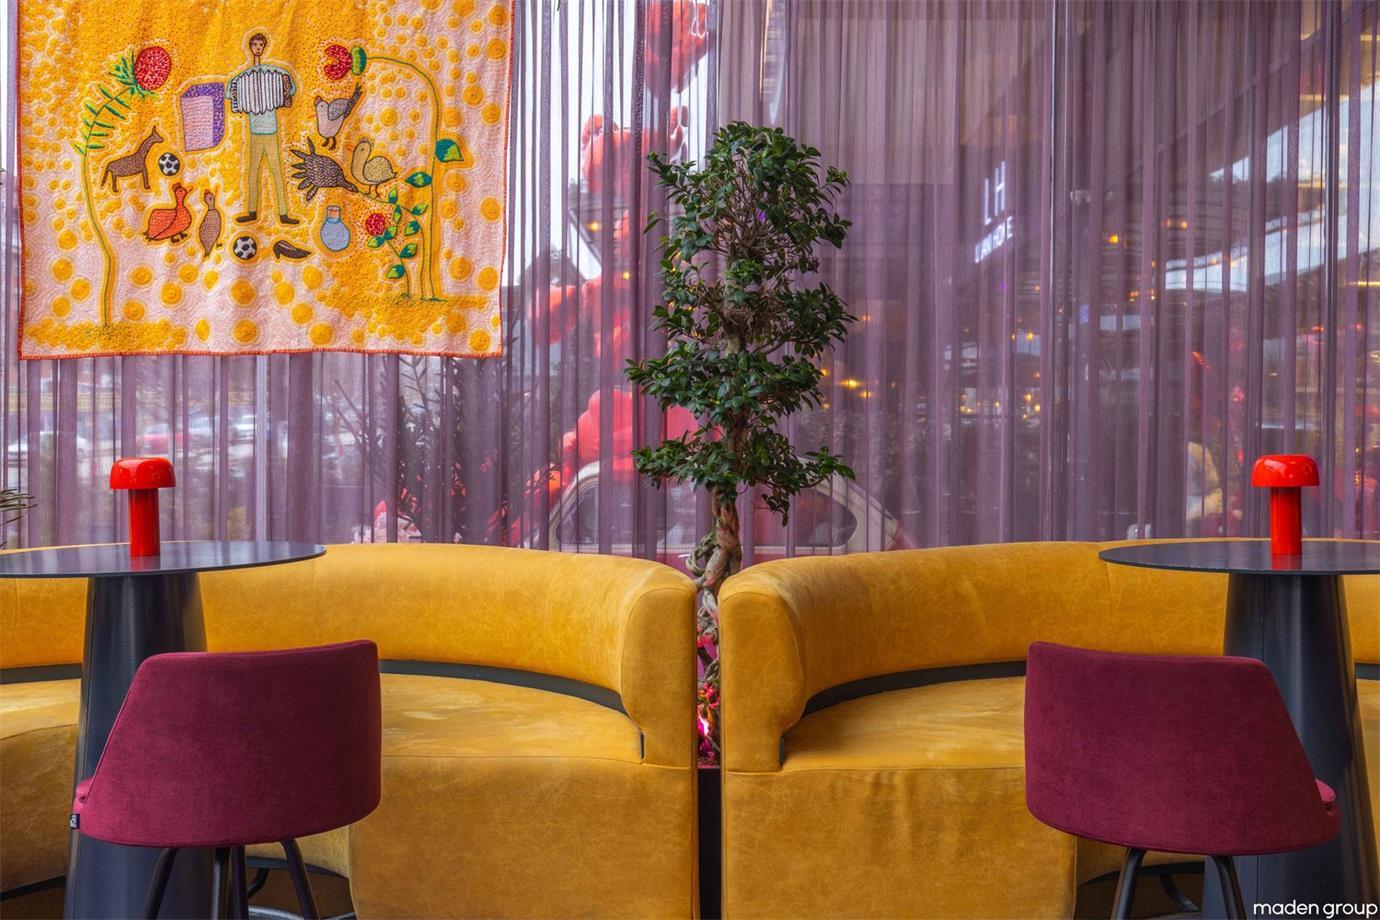 酒吧彩色家具及通透拉帘设计